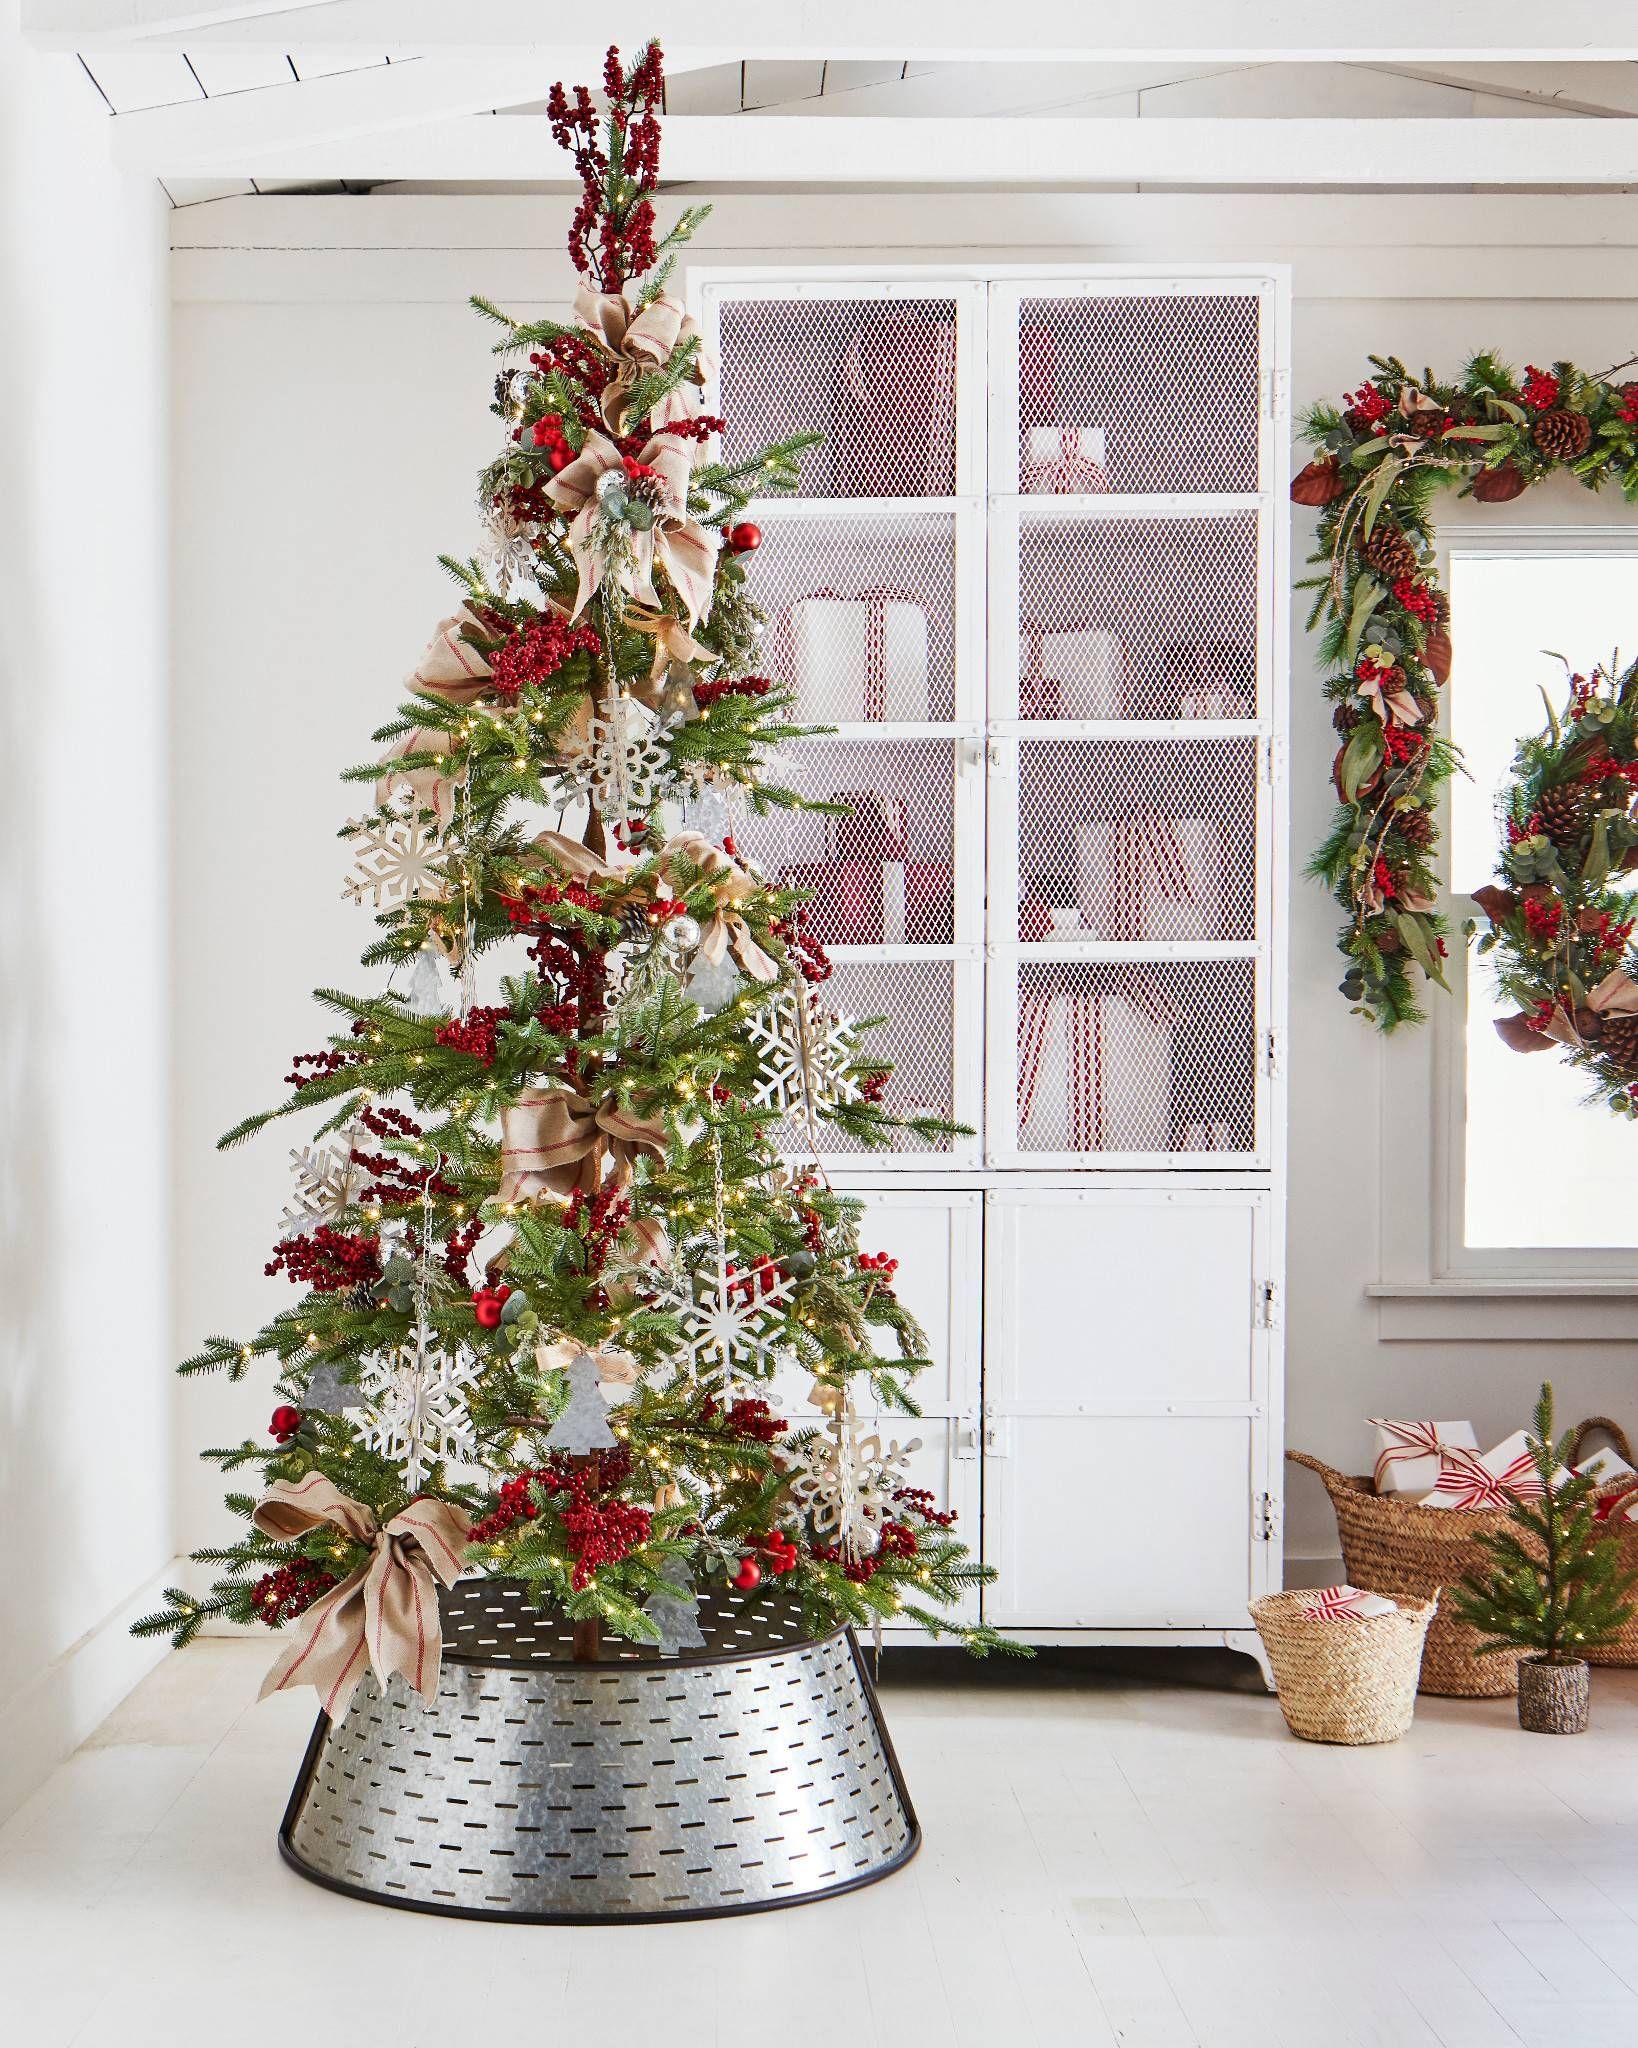 Alpine Balsam Fir Christmas Tree Balsam Hill Fir Christmas Tree Balsam Fir Christmas Tree Christmas Tree Accessories